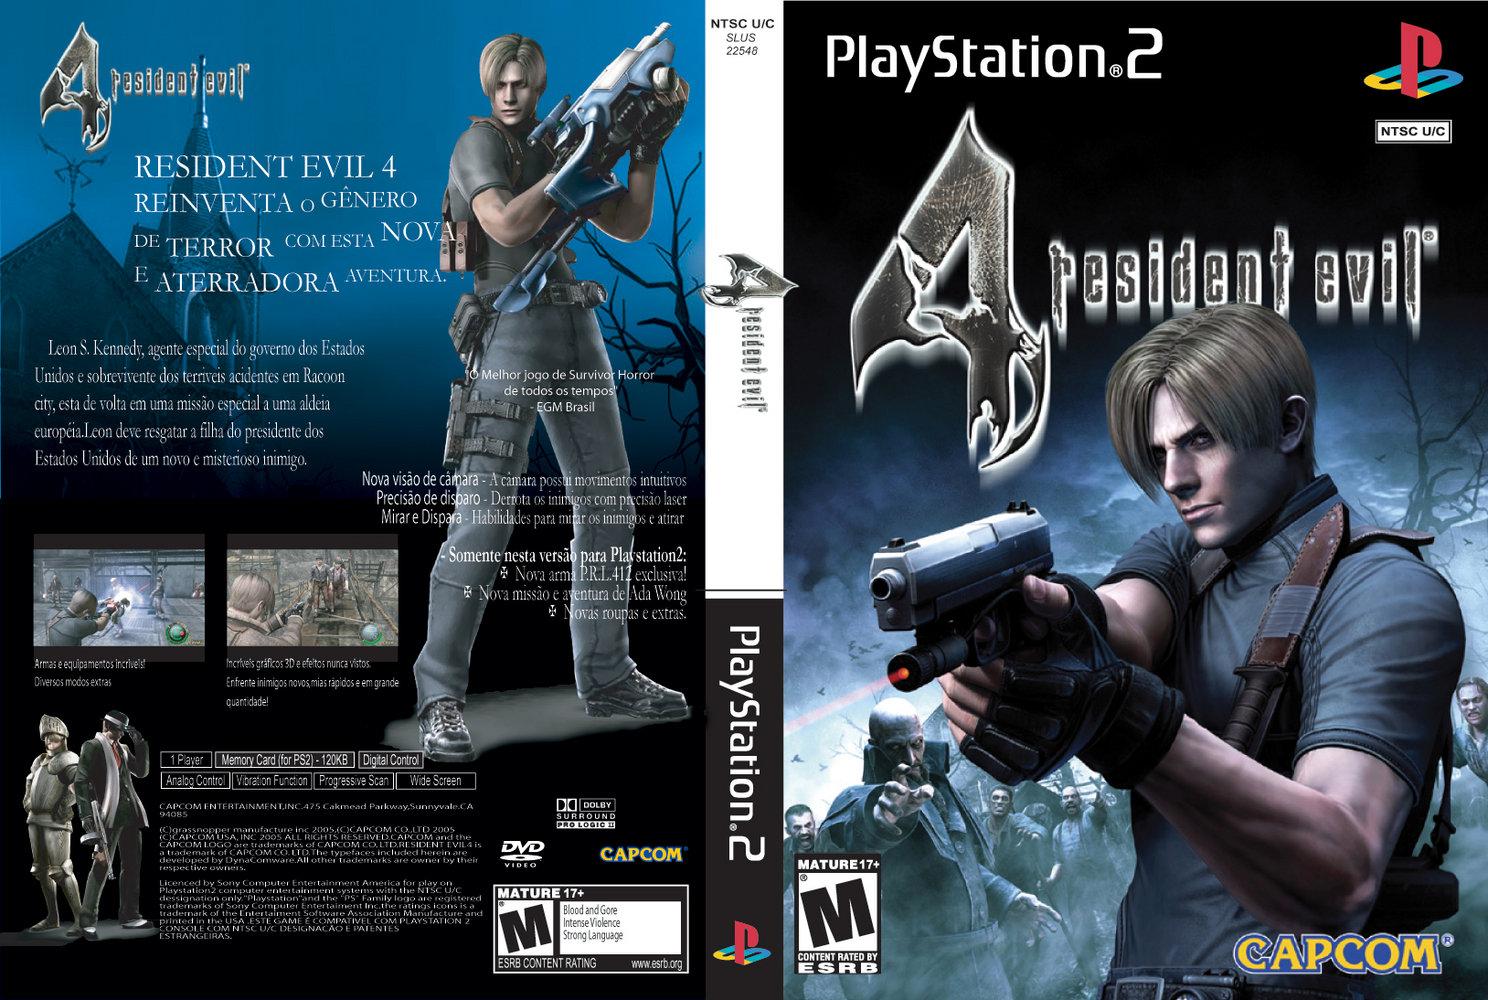 Resident Evil 4 Rom Ps2